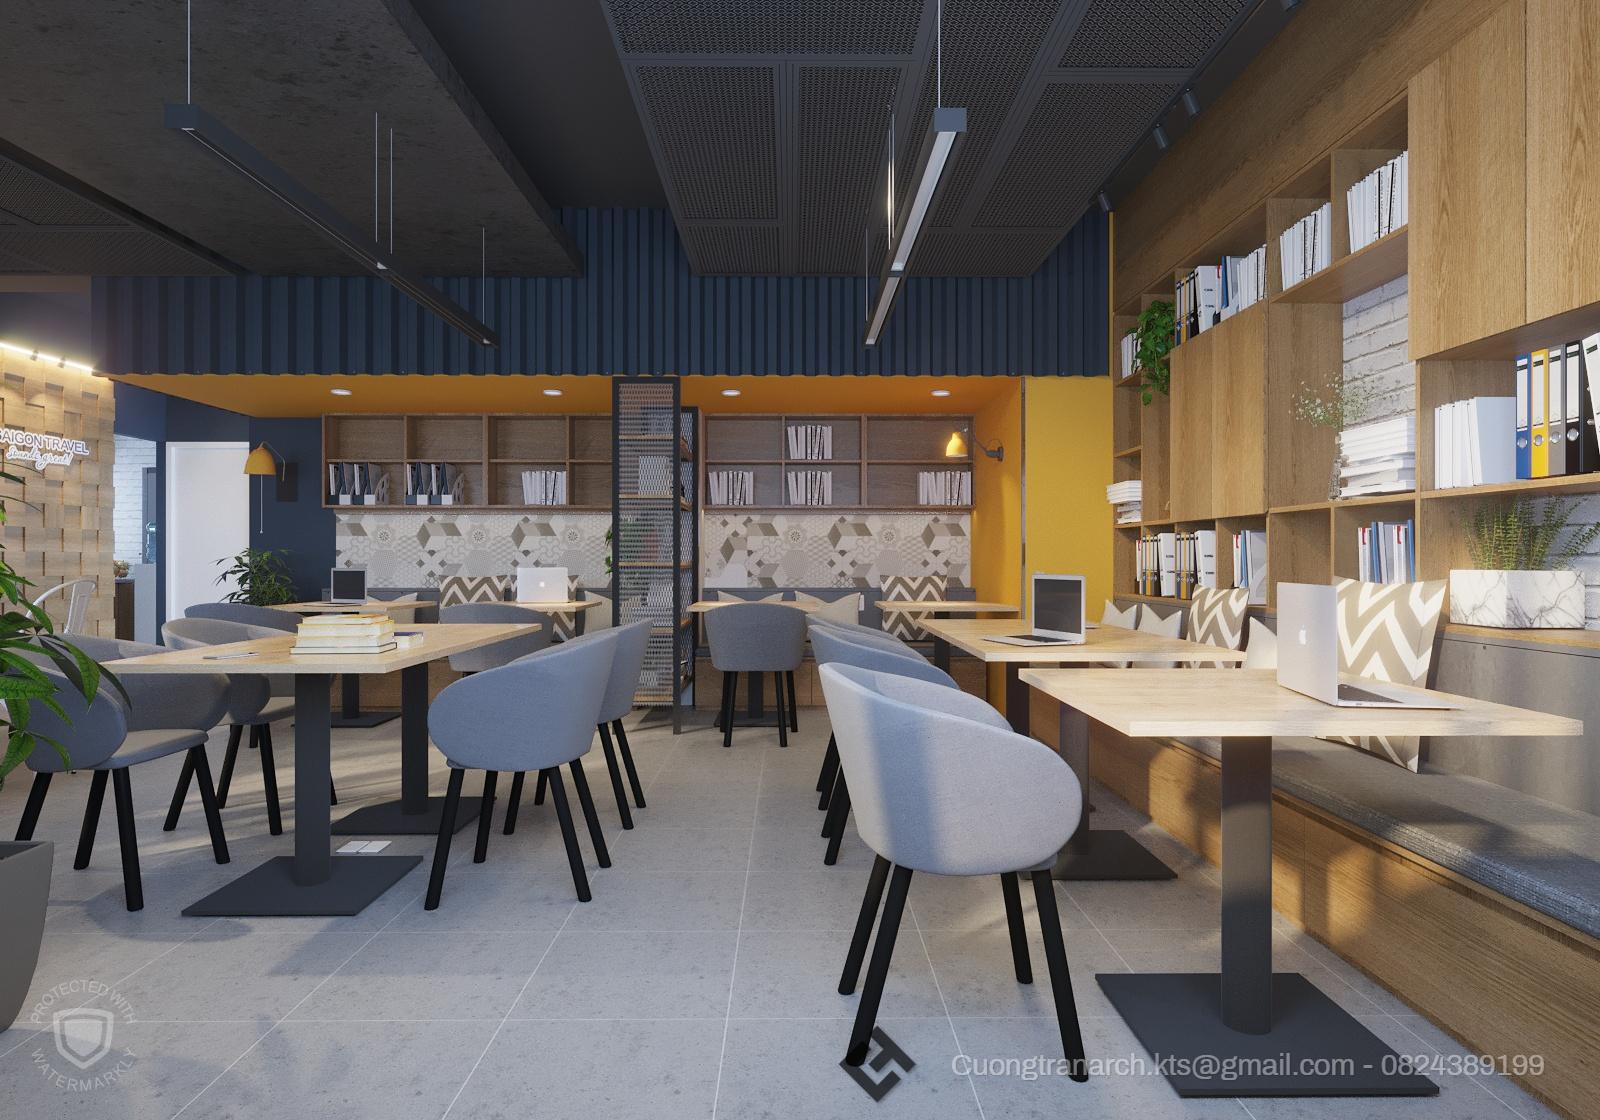 thiết kế nội thất Văn Phòng tại Hồ Chí Minh VĂN PHÒNG LÀM VIỆC CÔNG TY VIET TRAVEL - VIET TRAVEL OFFICE 3 1562142887